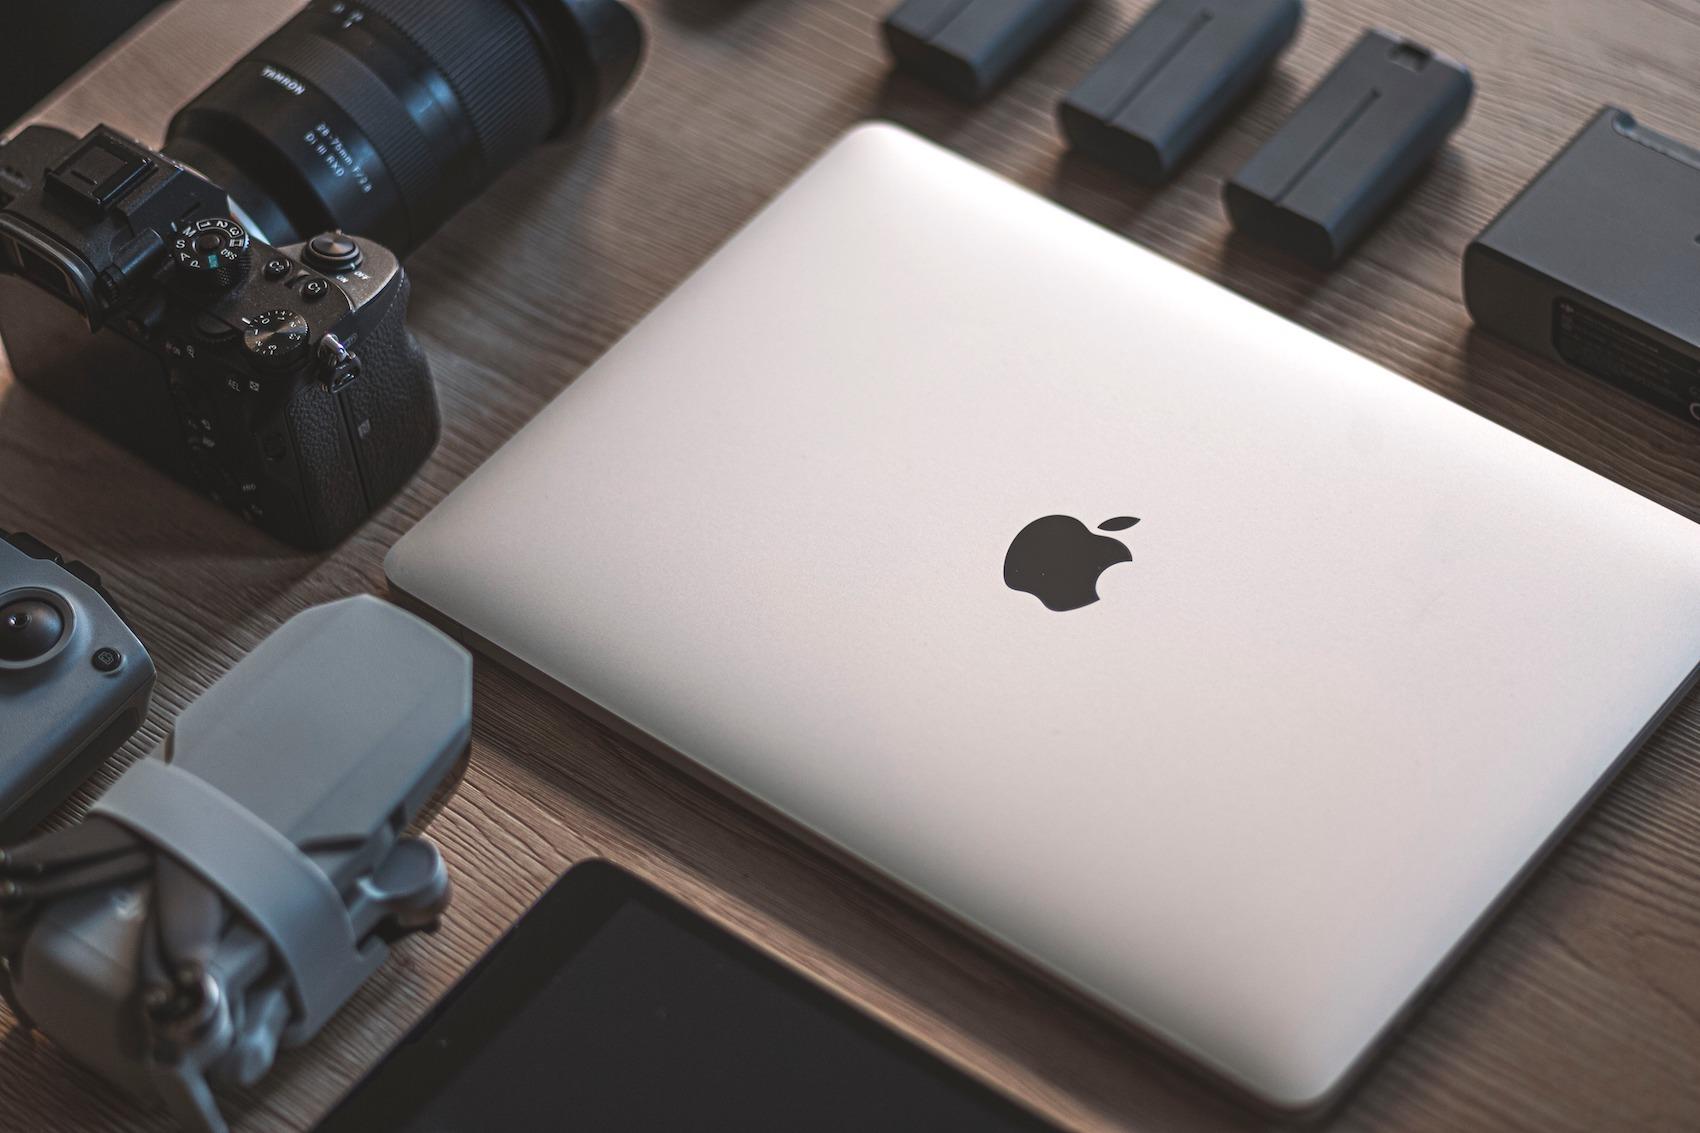 """MacBook Pro 13"""" (M1) očami náročného používateľa Windowsu. Je naozaj taký dobrý?"""